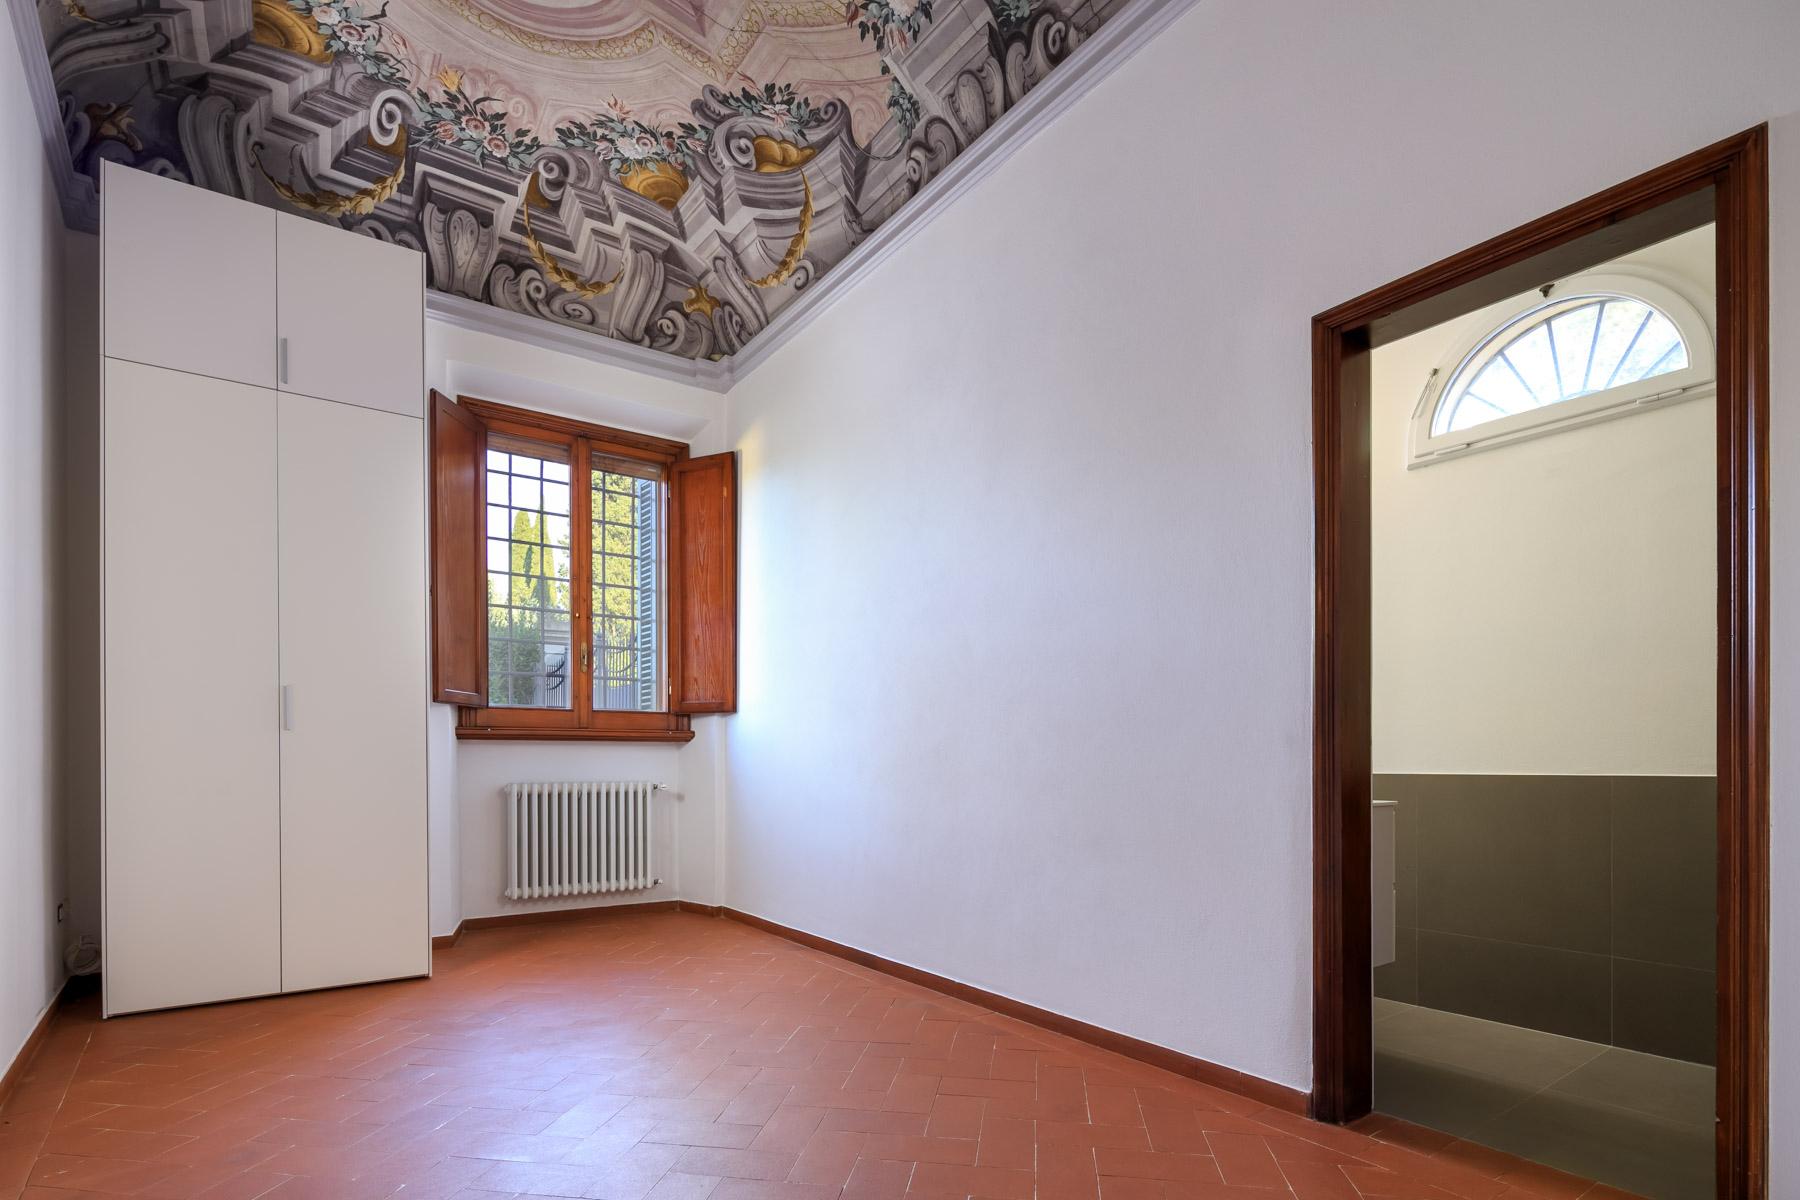 Villa in Vendita a Firenze: 5 locali, 350 mq - Foto 8